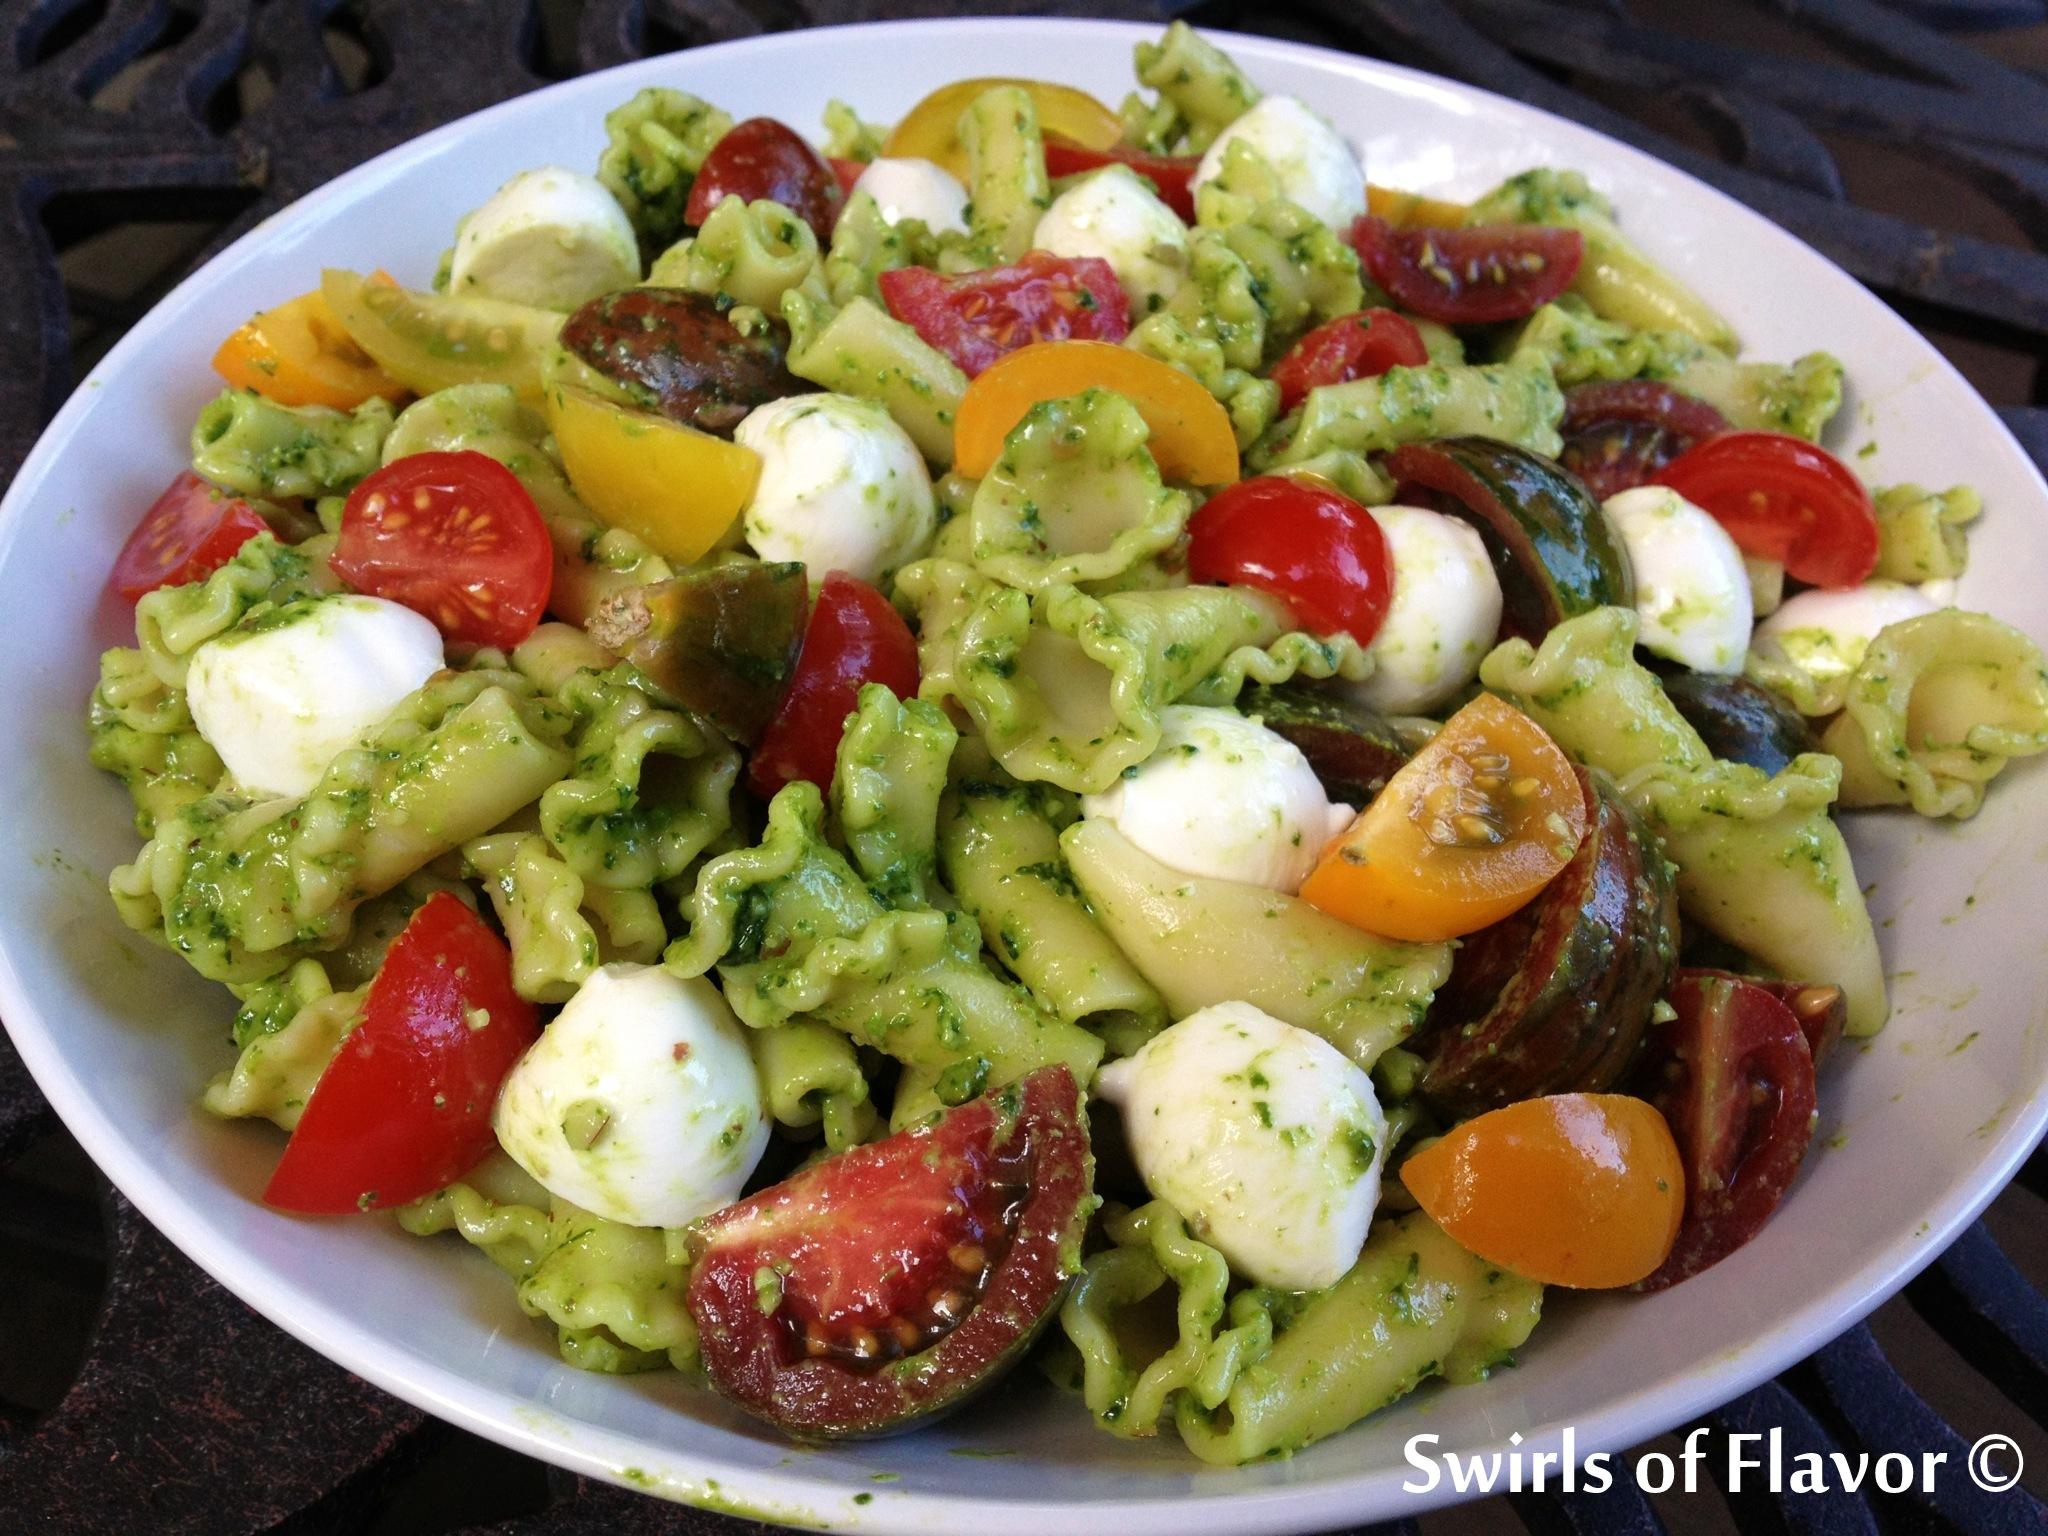 pasta salad tossed in pesto